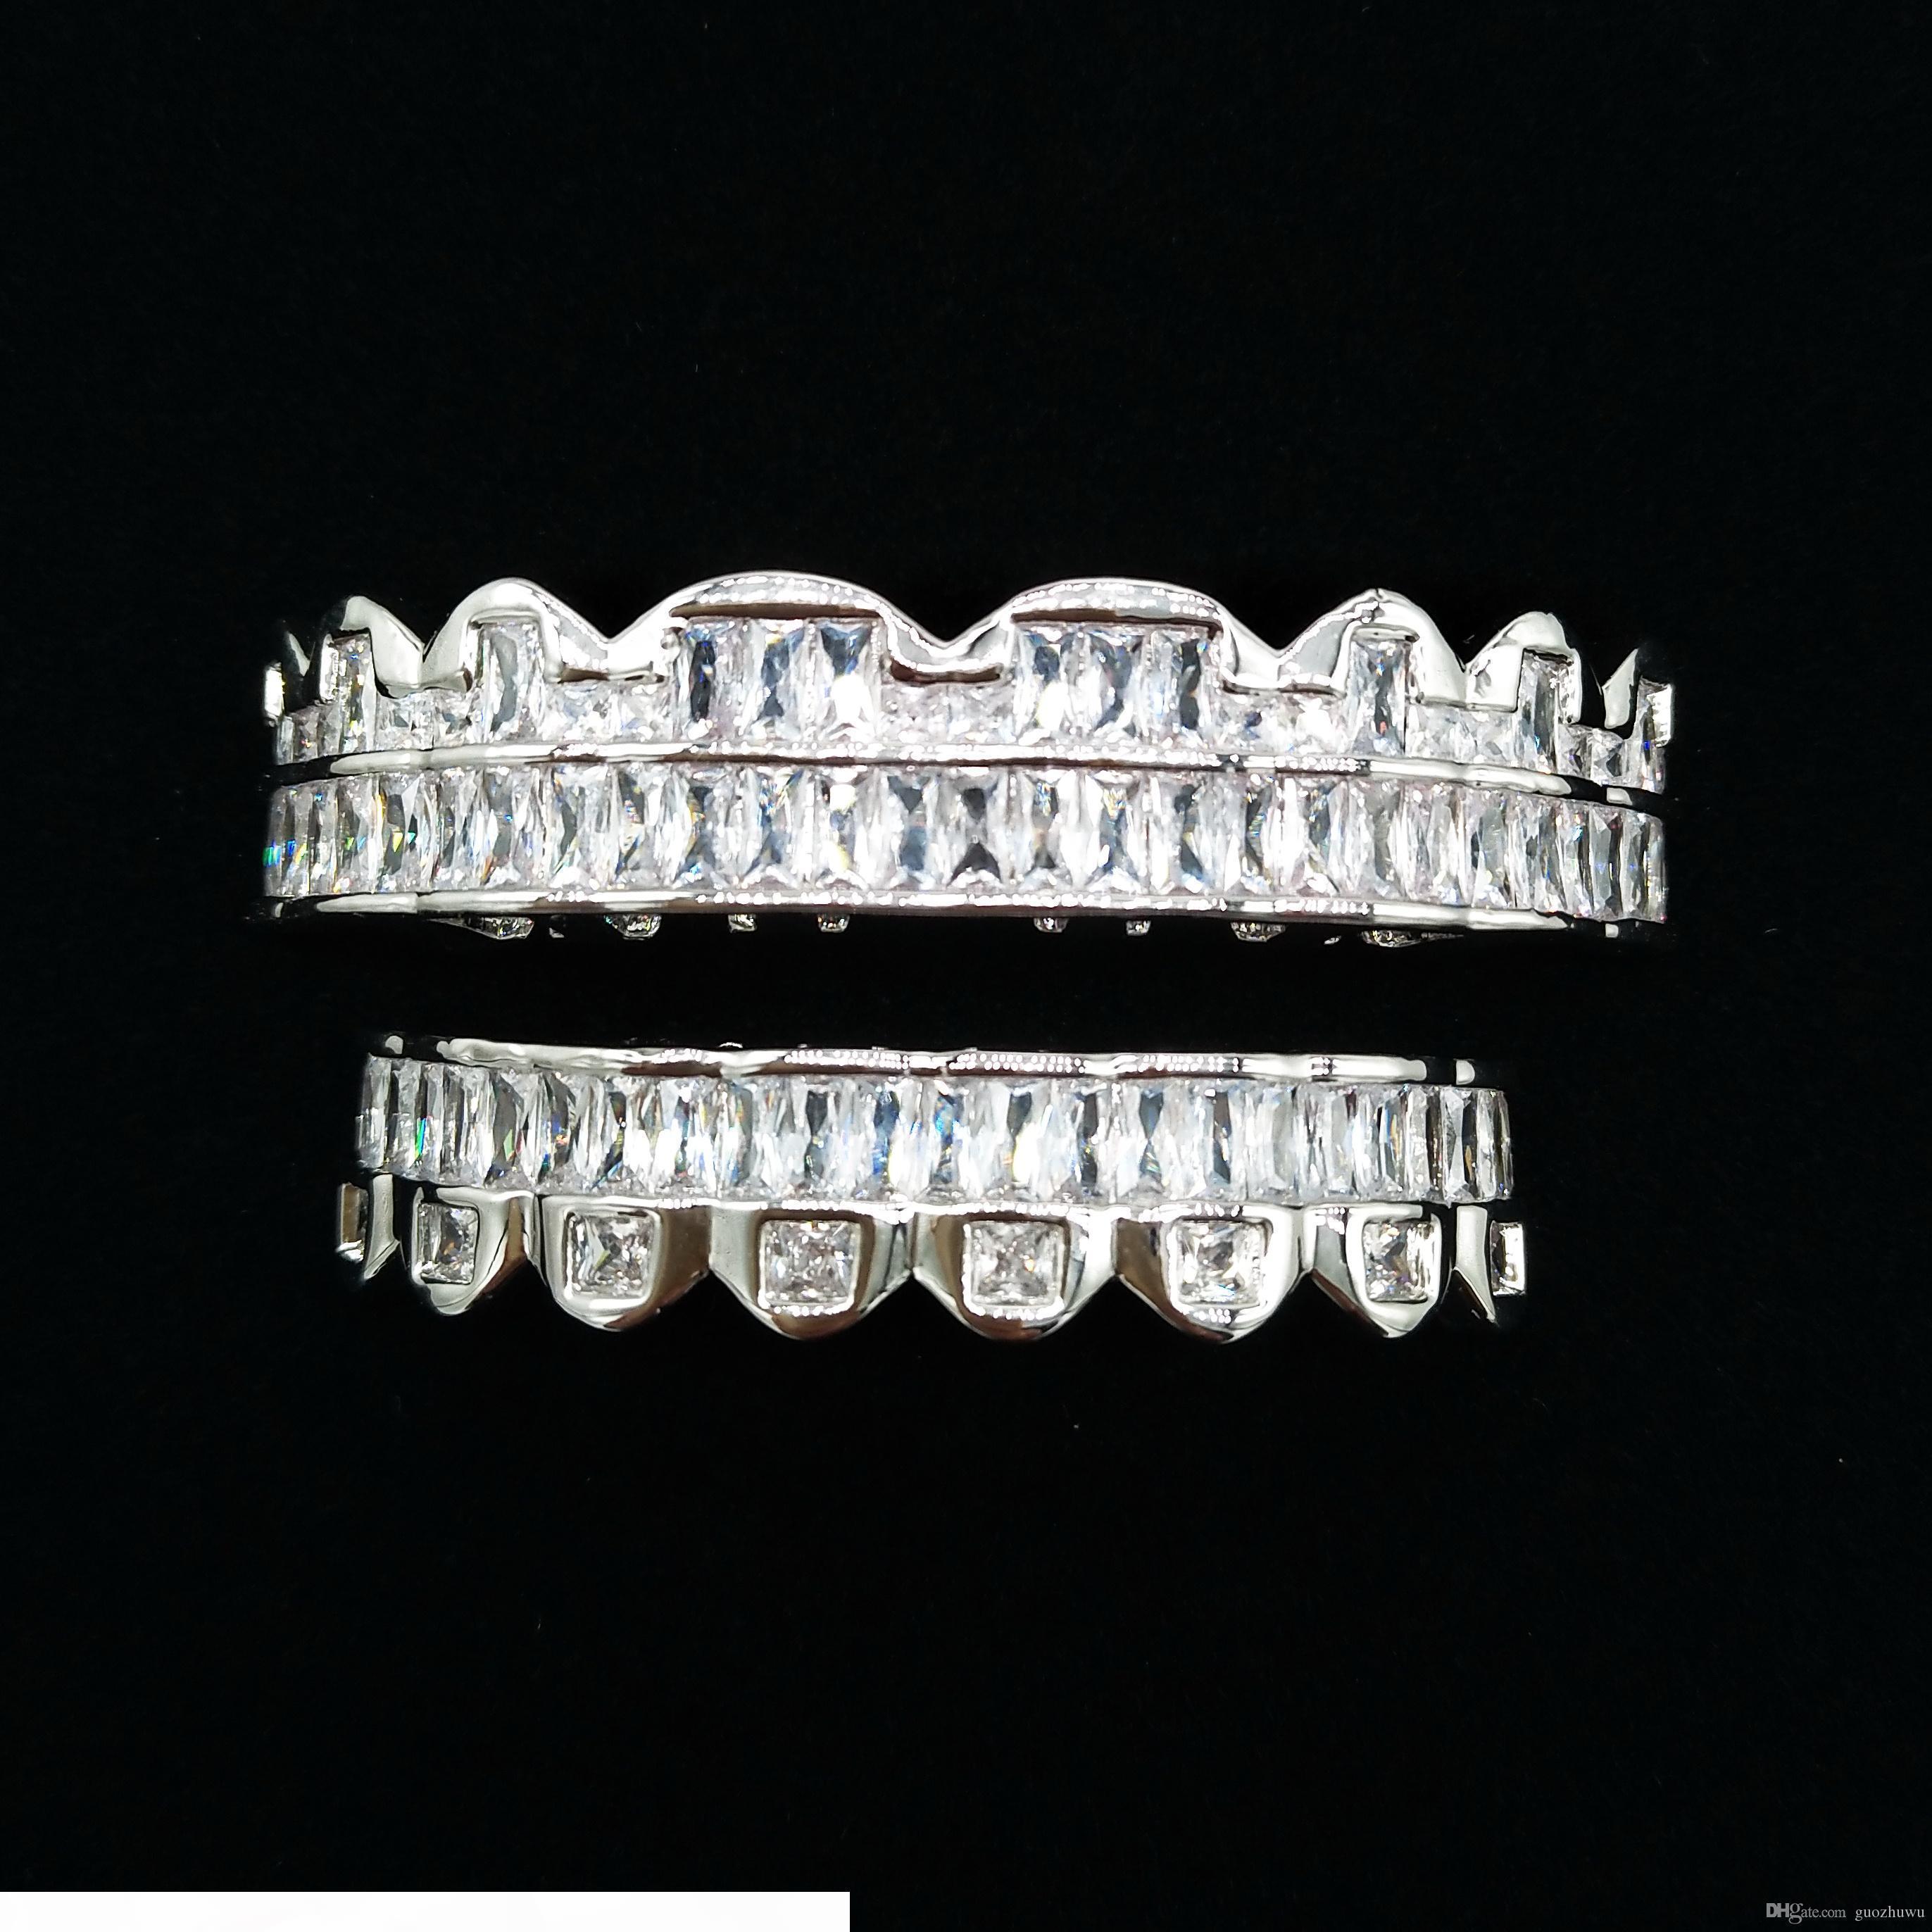 Designer di lusso in oro bianco CZ Denti Cubic Zirconia Griglie di Hip Hop Bling Vampire Fang Grillz ghiacciato fuori il diamante pieno Tooth Cap delle donne degli uomini